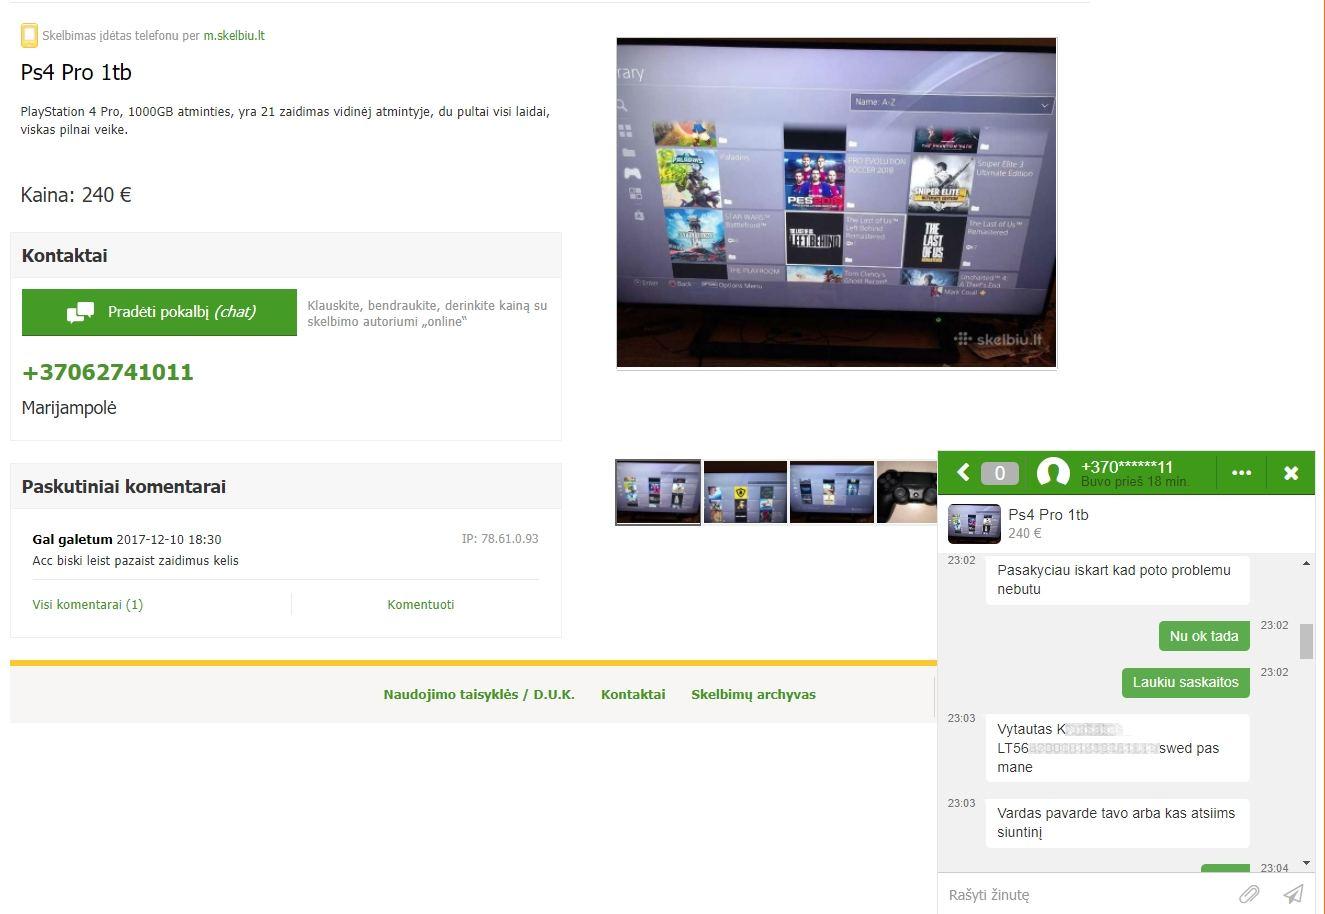 geriausia internetinė prekybos sąskaita lietuvoje)